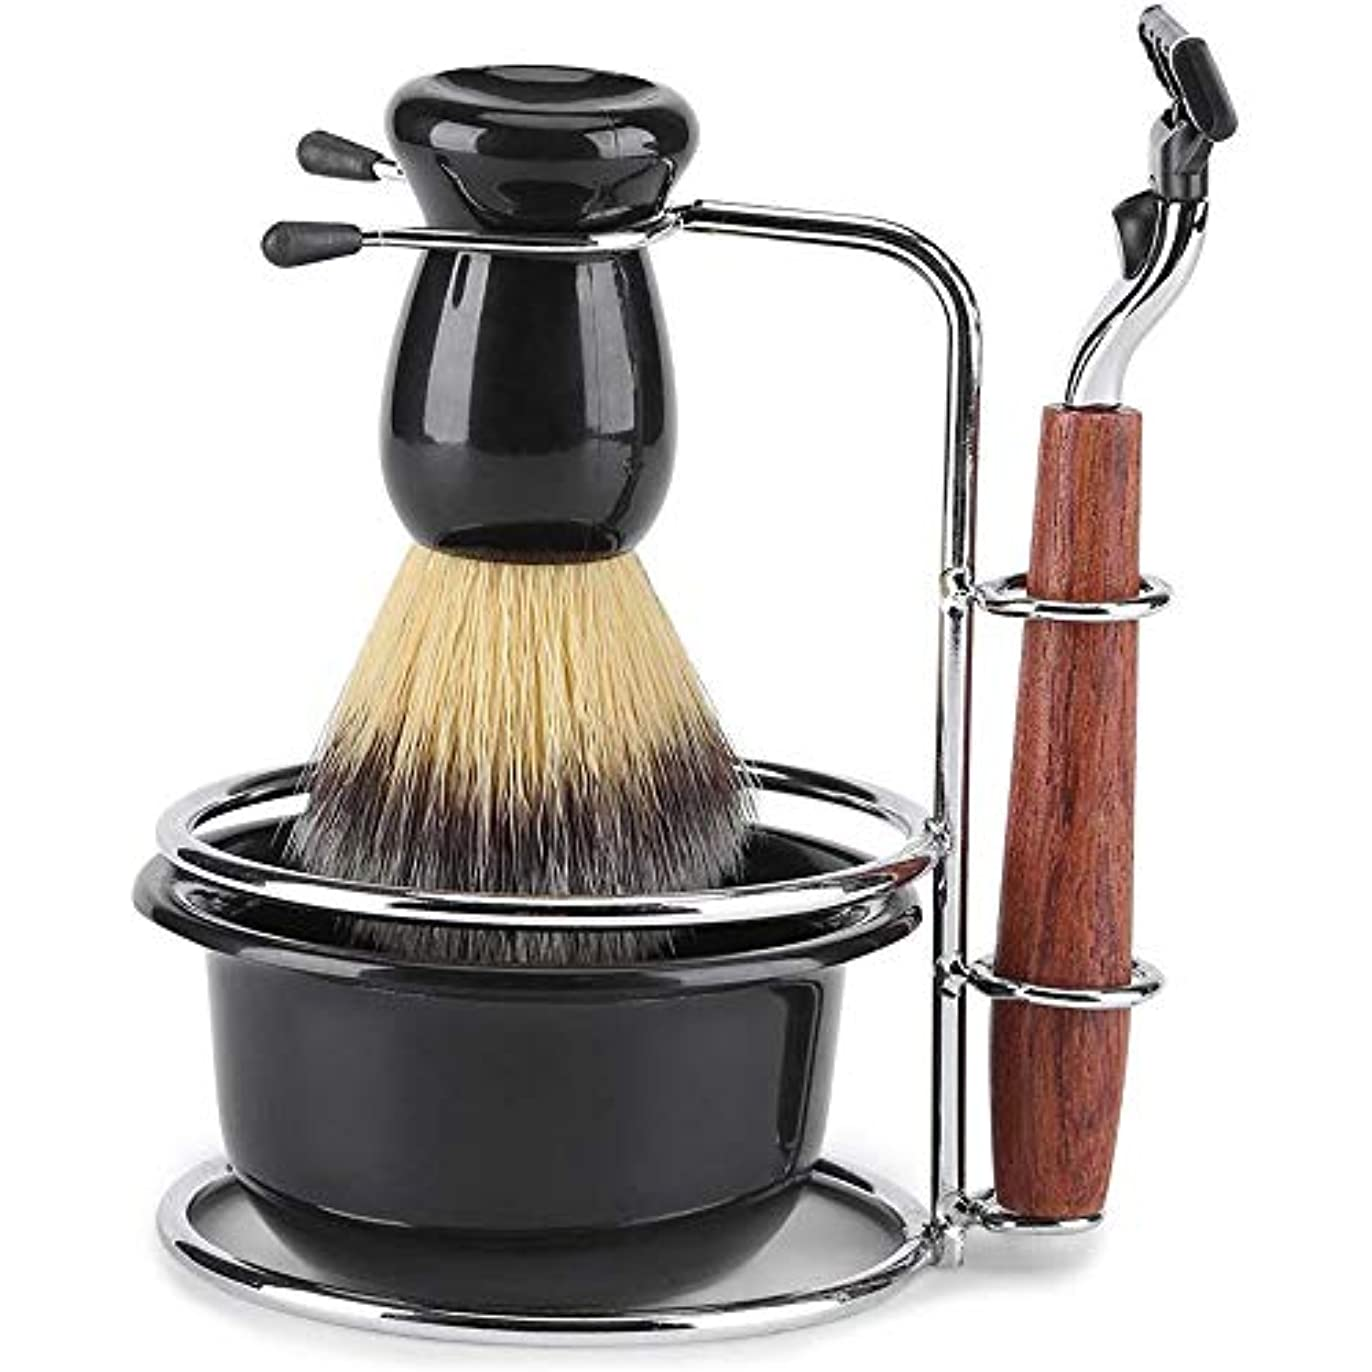 煙突表現銀行4セットシェービングブラシセットプラシスタンド 石鹸ボウル父の日プレゼント ひげブラシ シェービングブラシ 洗顔 髭剃り